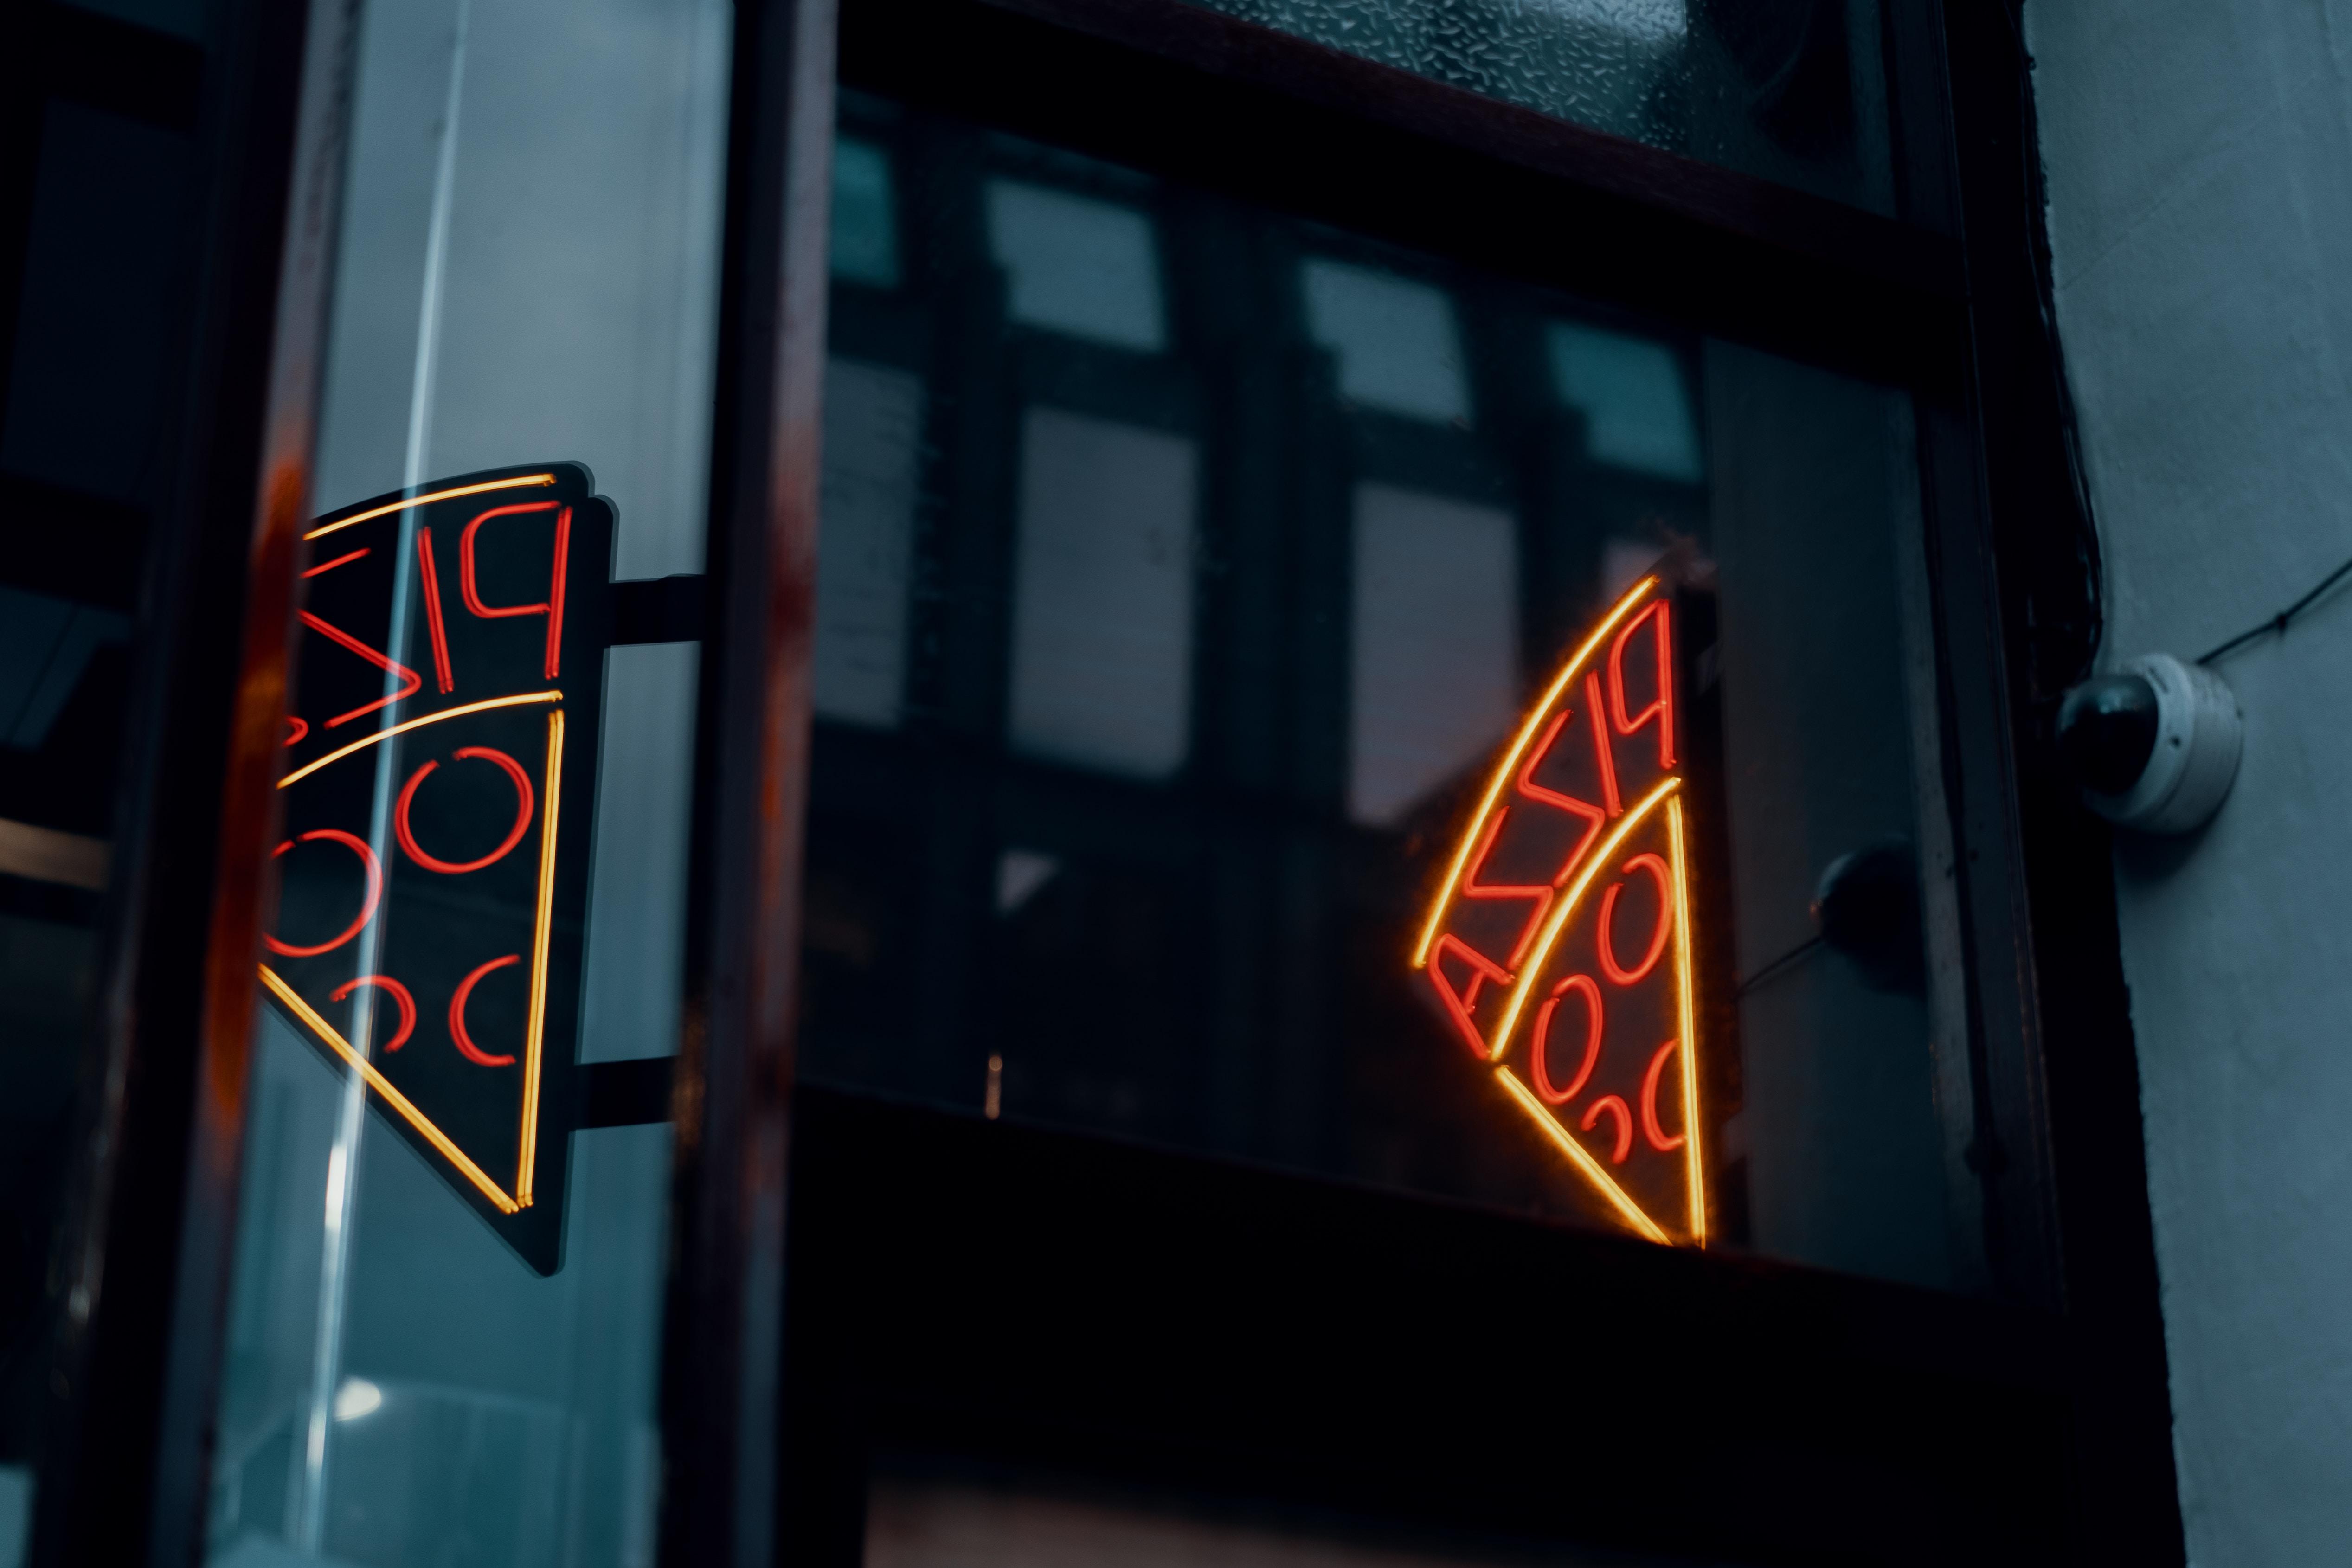 A neon pizza slice